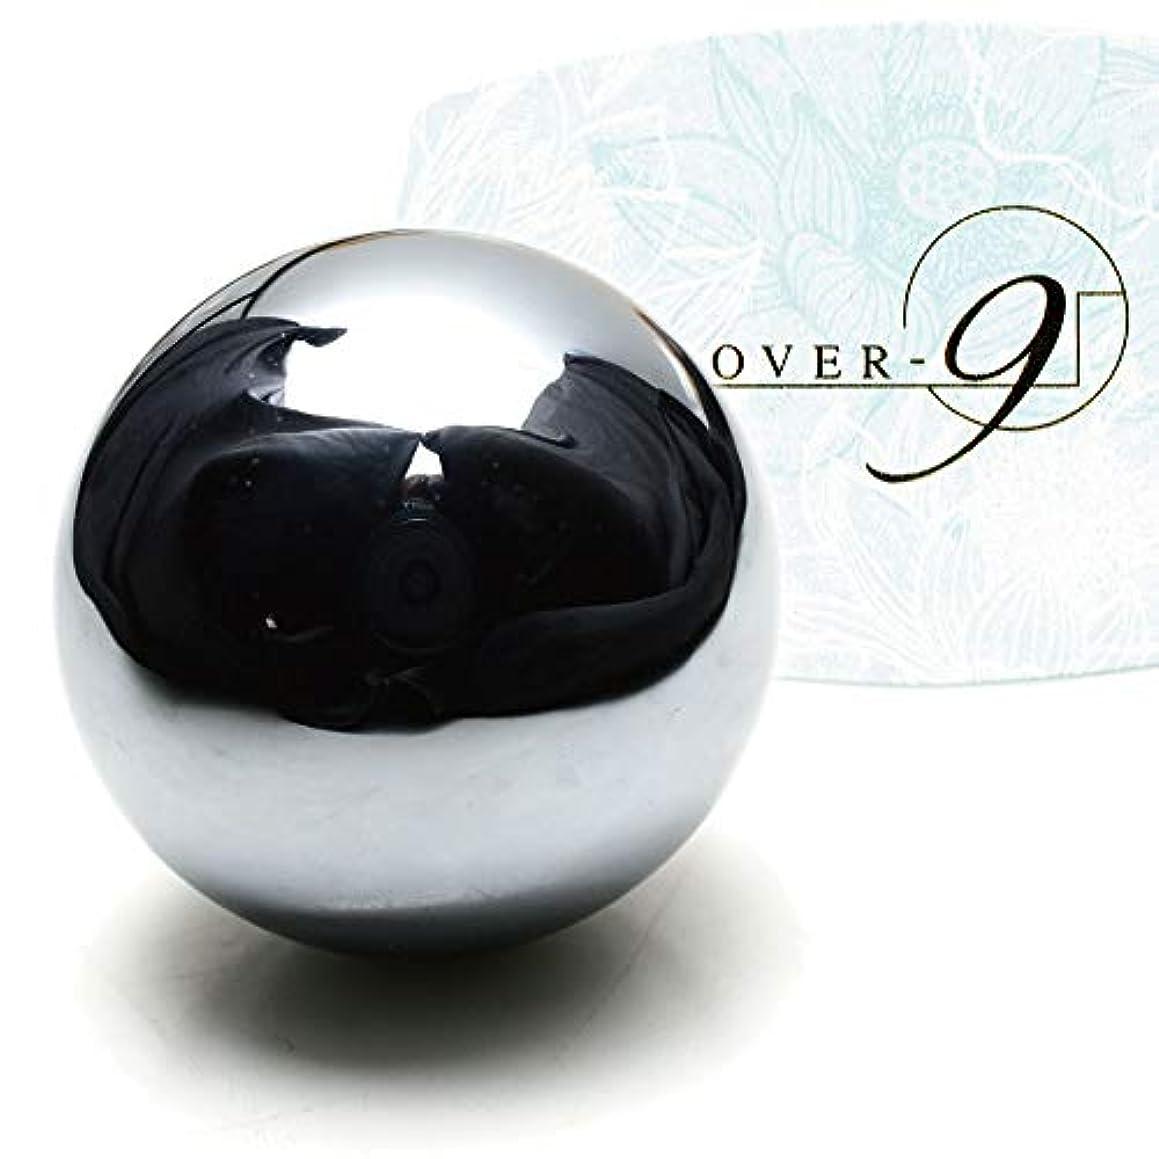 技術正当な数字テラヘルツ ボール 30mm 丸玉 マッサージボール 公的機関にて検査済み!パワーストーン 天然石 健康 美容 美顔 かっさ グッズ